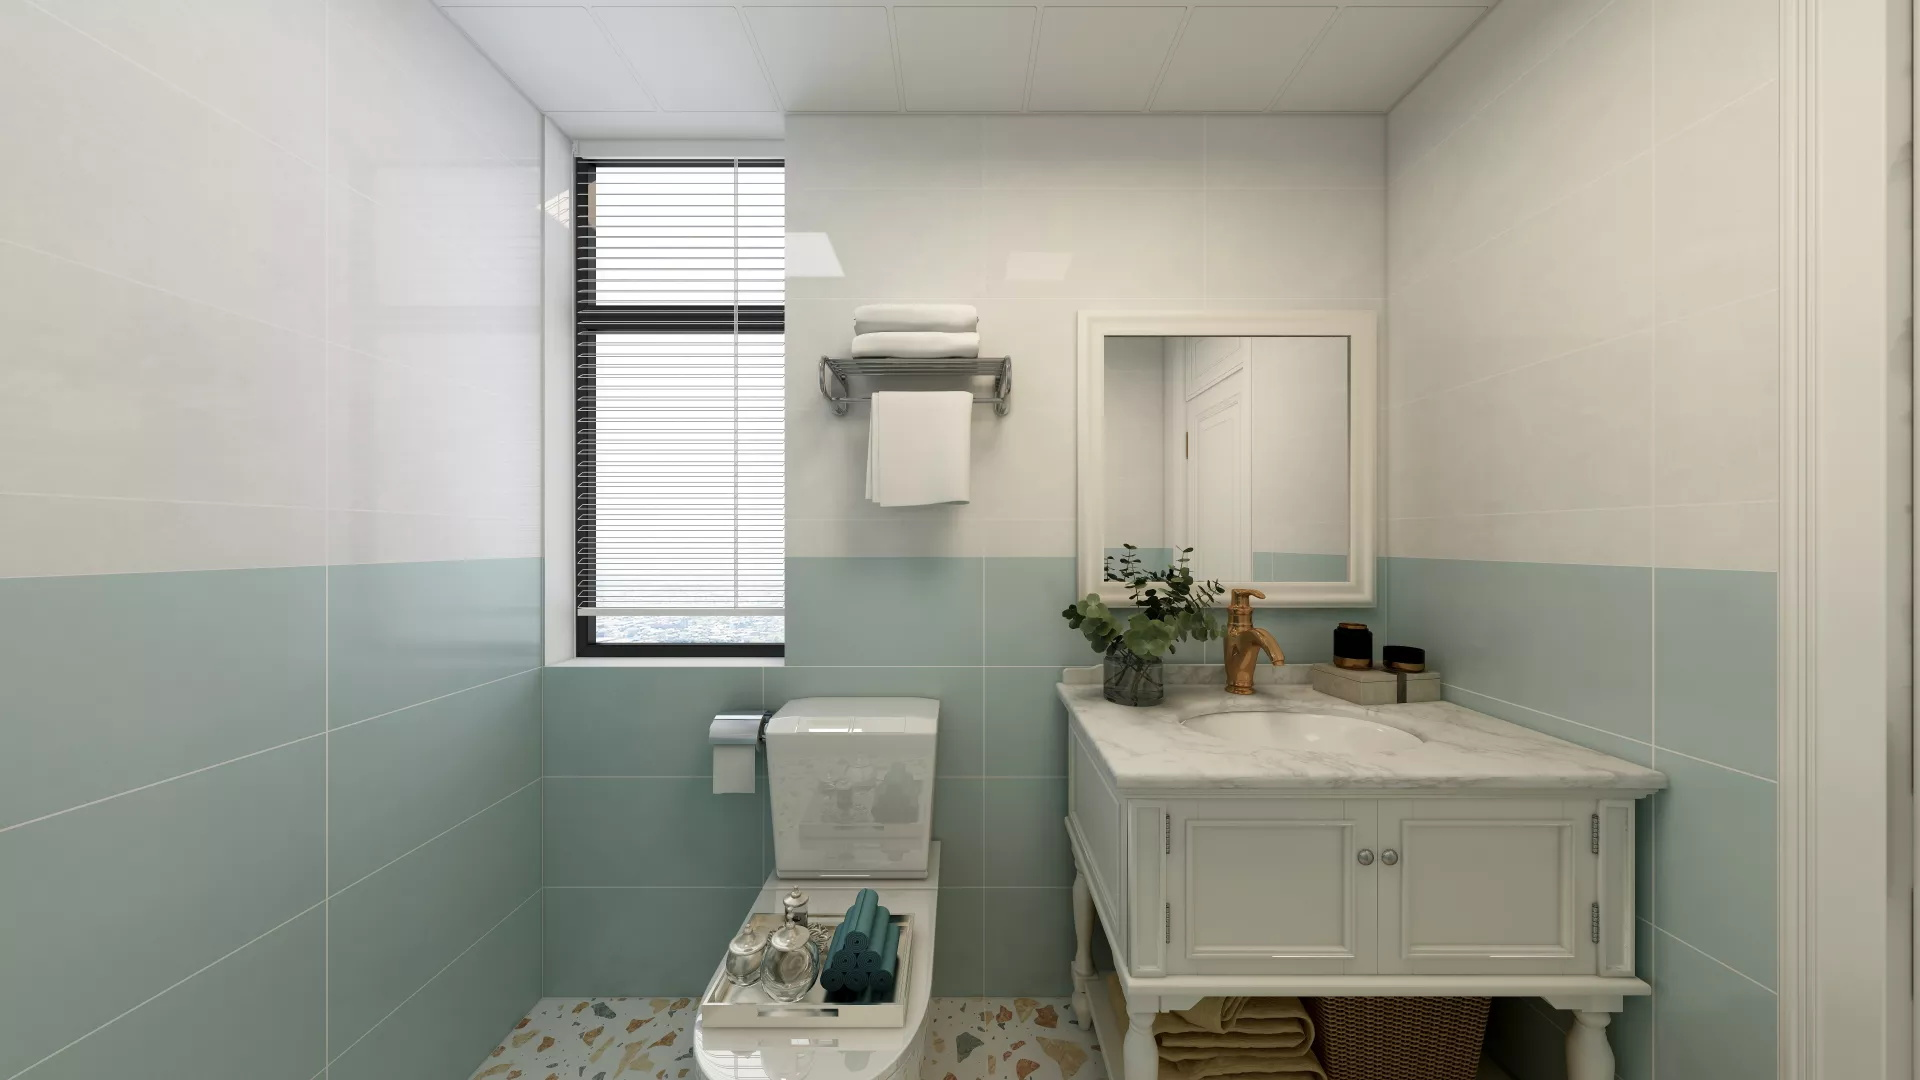 奢华欧式新古典风格四室公寓样板房装修效果图